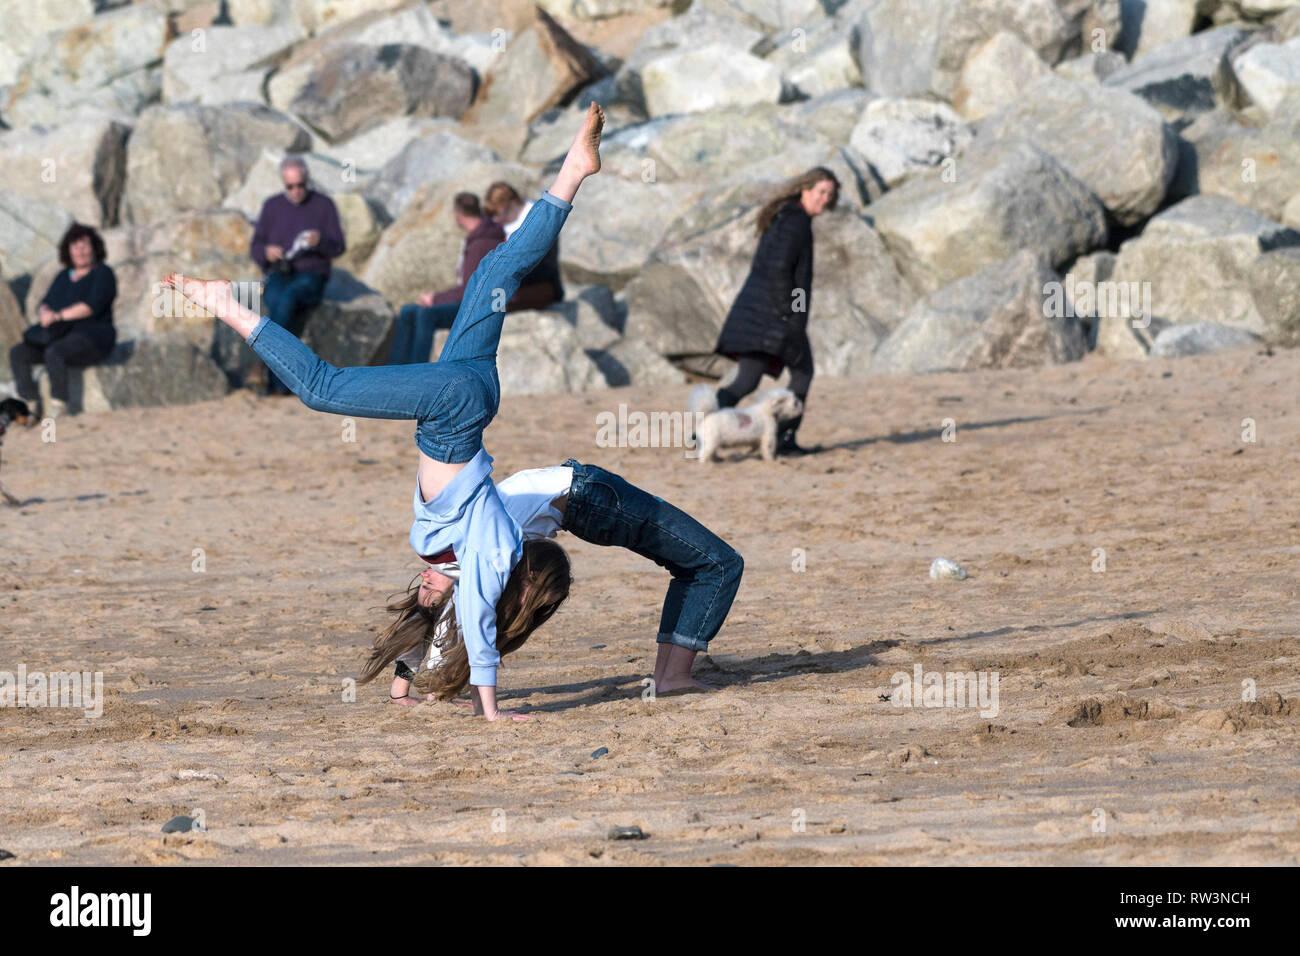 Junge energische Mädchen im Teenageralter, Handstand auf den Fistral Beach in Newquay Cornwall. Stockbild